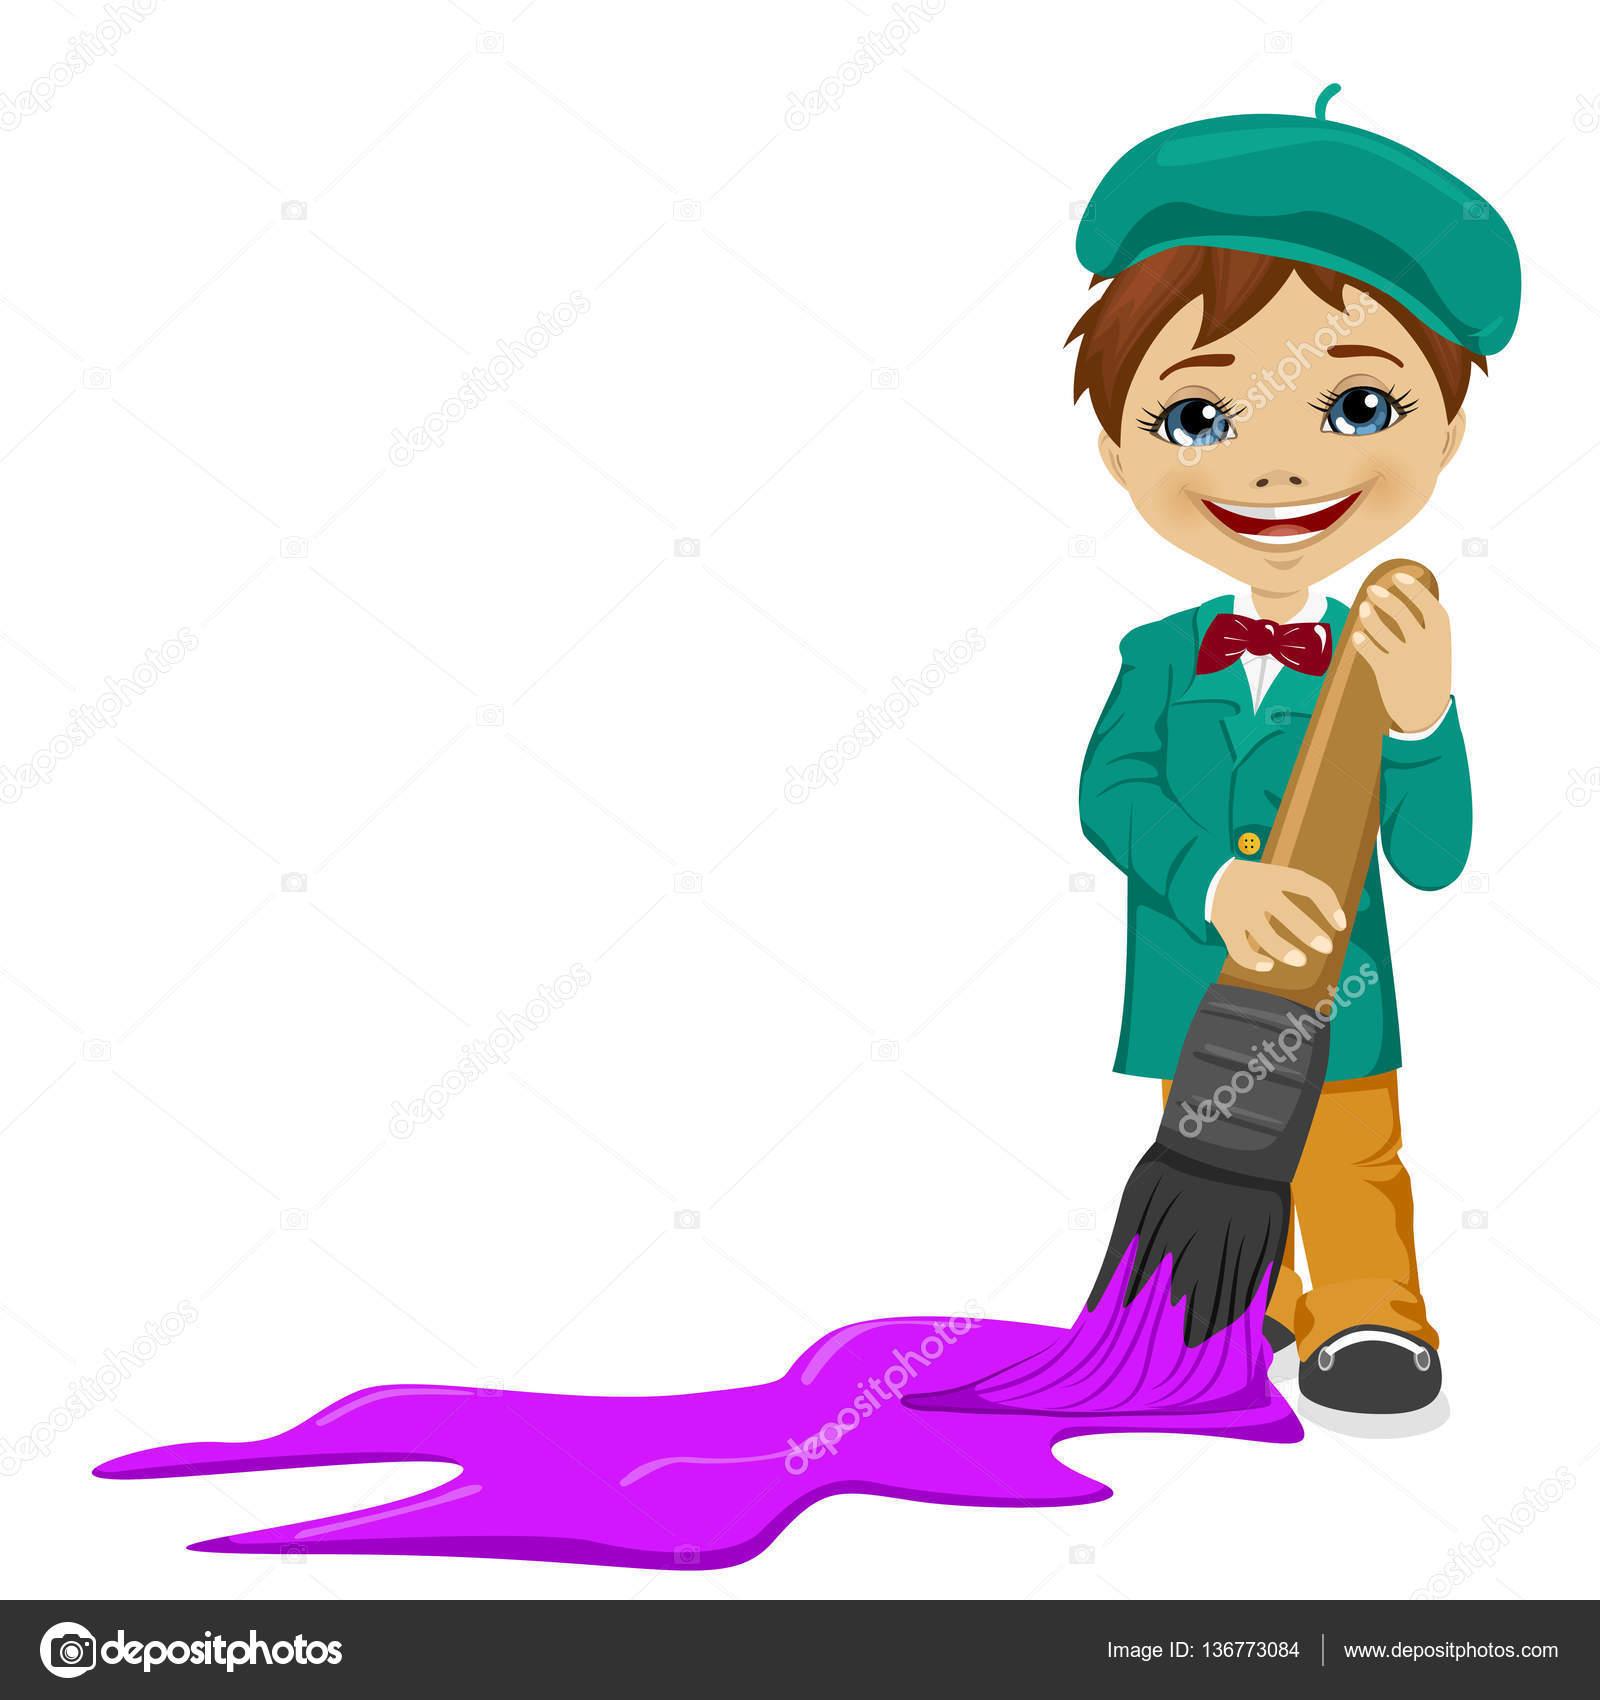 pincel pintando. lindo niño pintando el piso con un pincel grande \u2014 archivo imágenes vectoriales #136773084 c